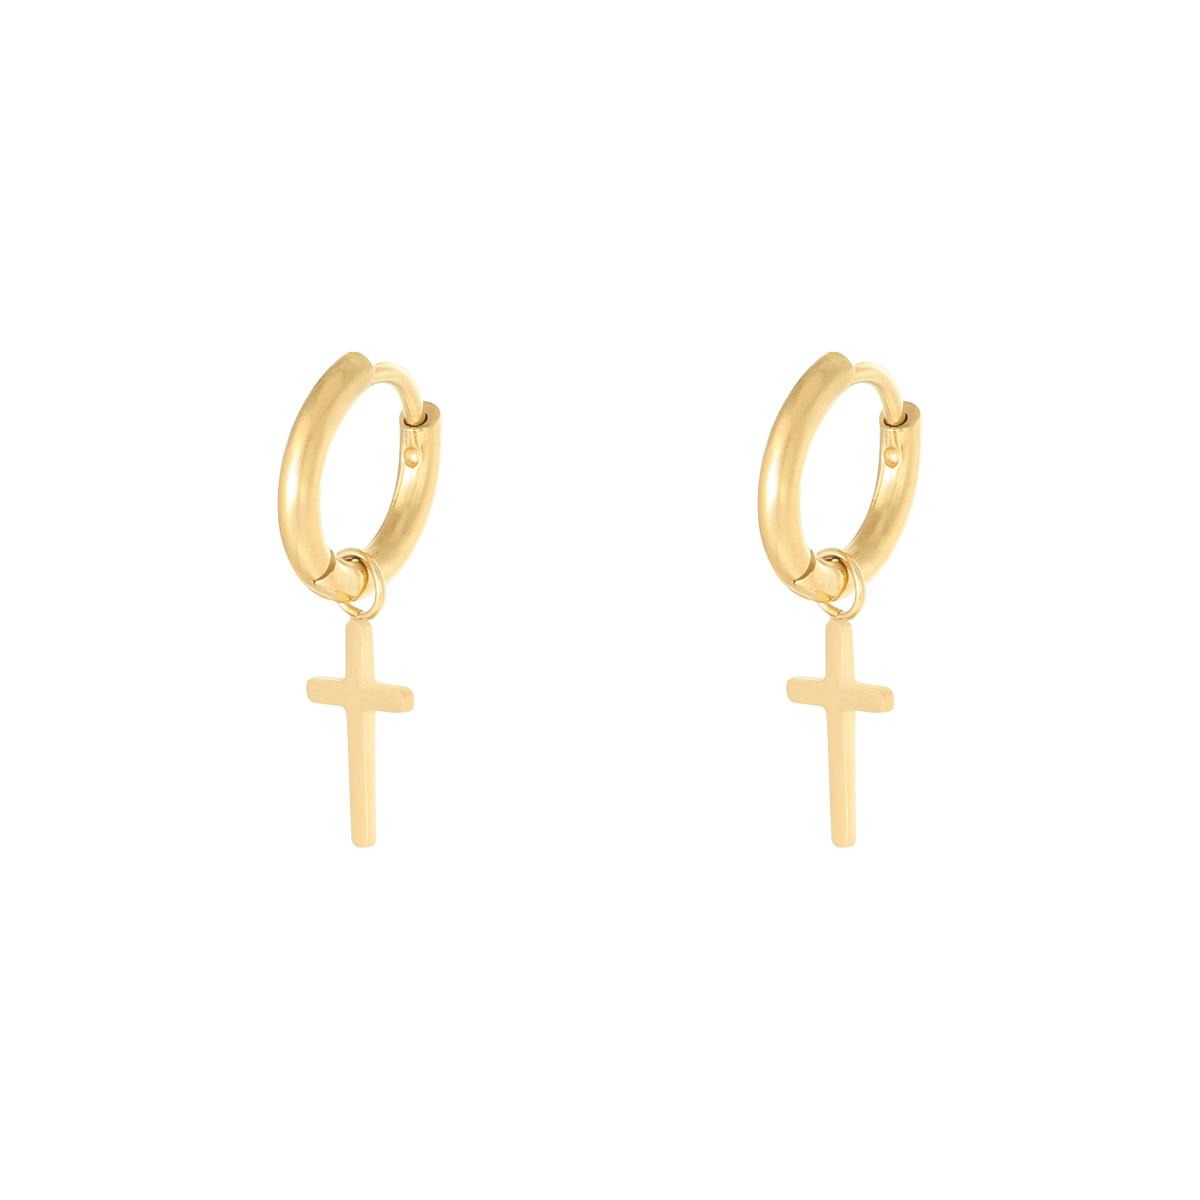 Huggie örhängen - Guldiga Creoler i kirurgiskt stål - Kors